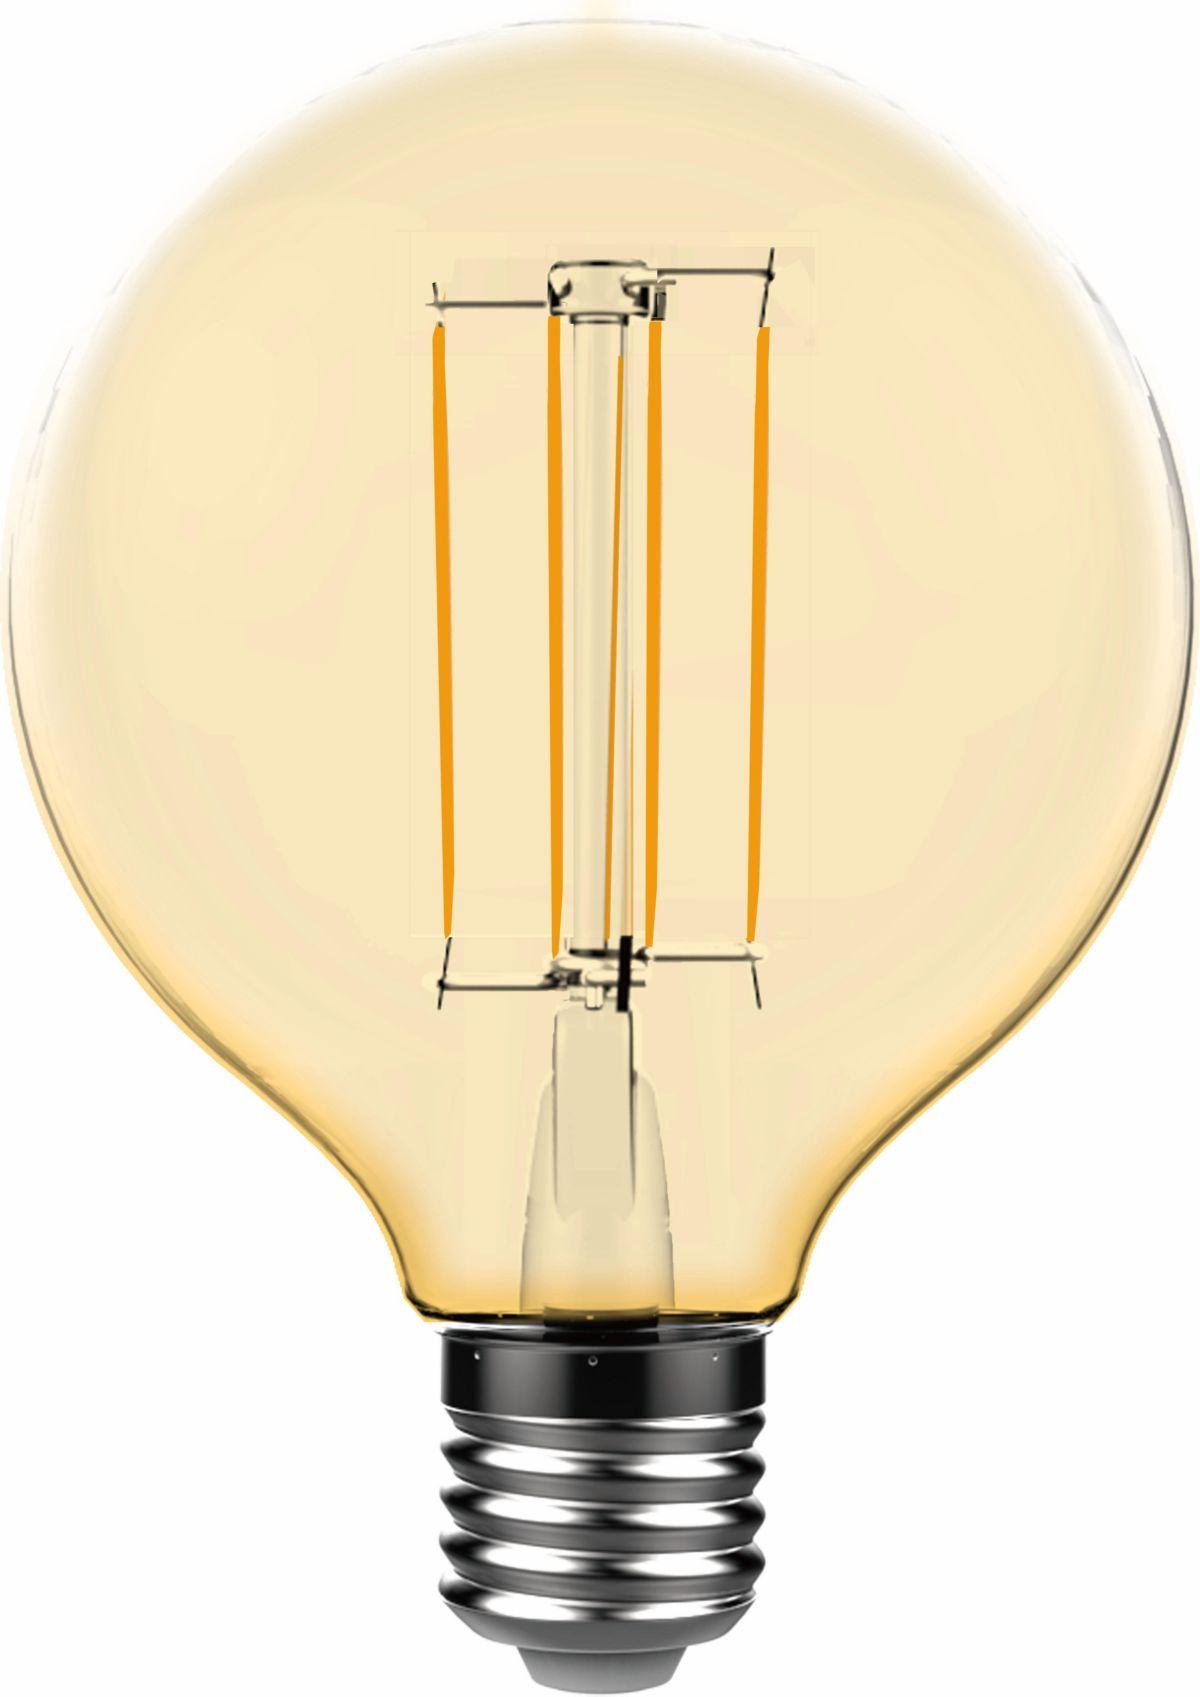 Toshiba »Kugel Globe« LED-Leuchtmittel, E27, Wa...